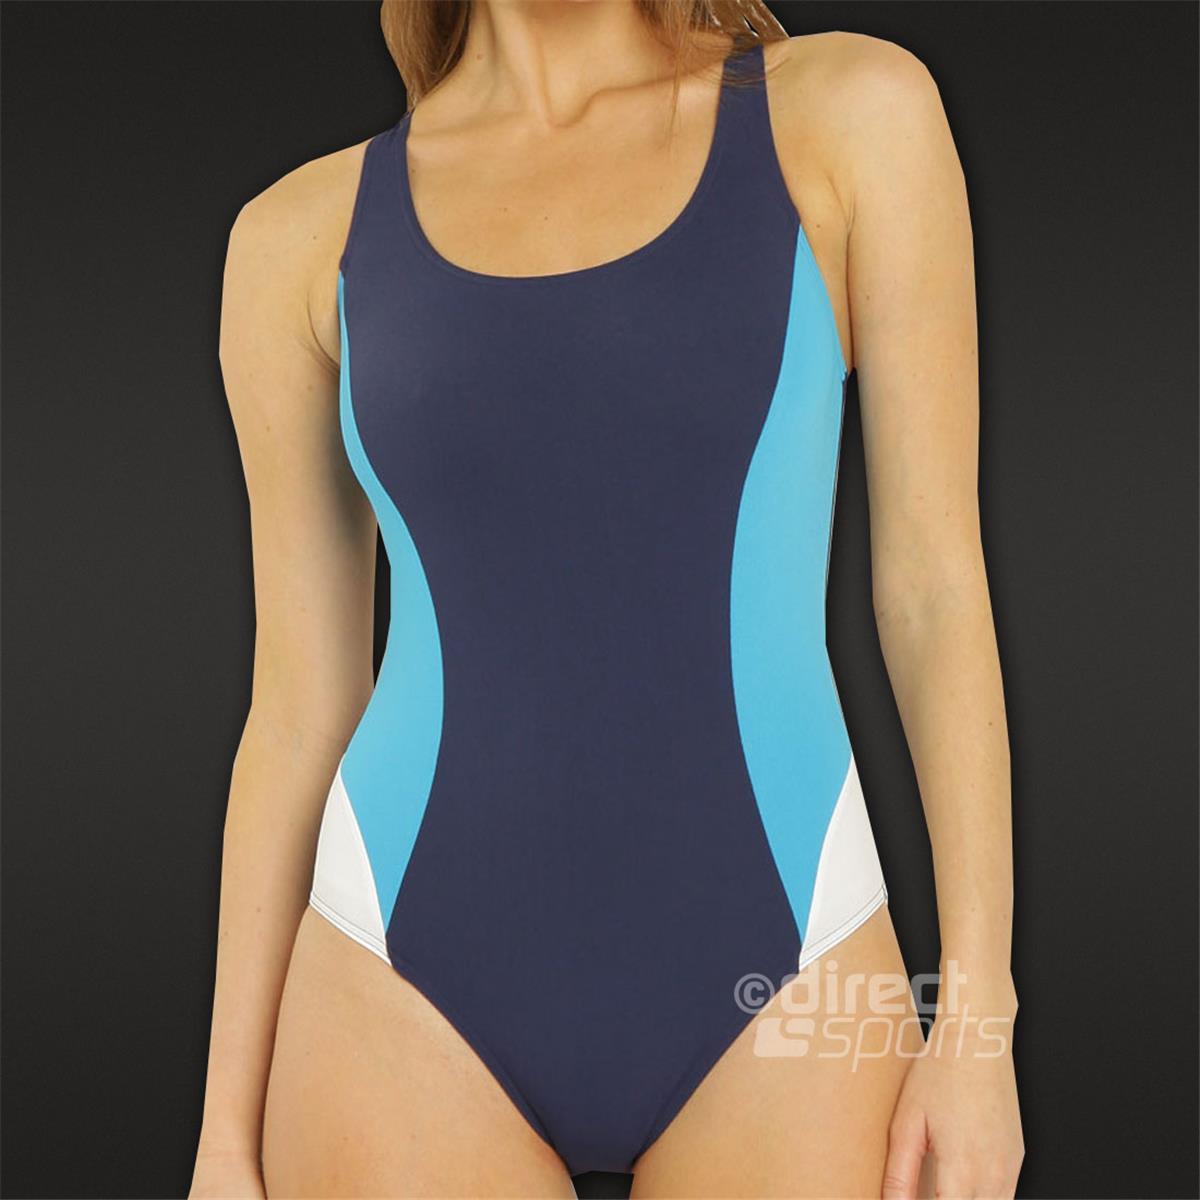 Swimwear uk online shop